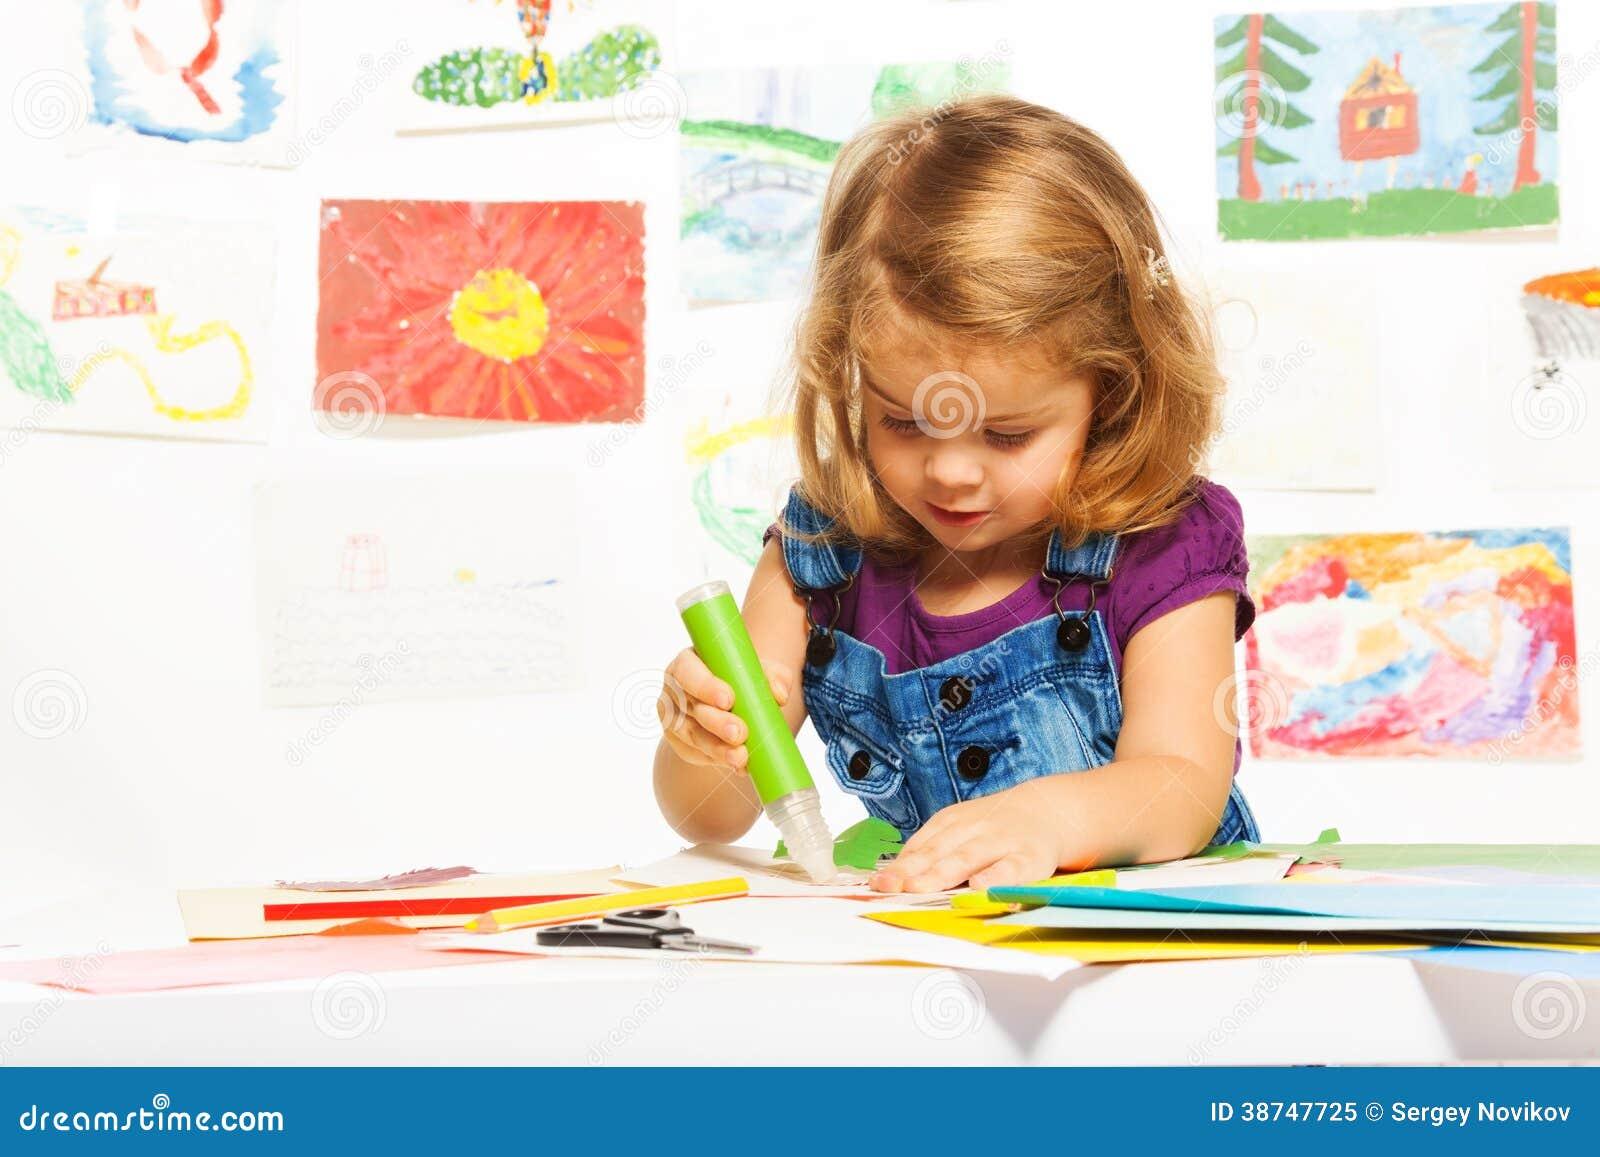 Дети делают поделки